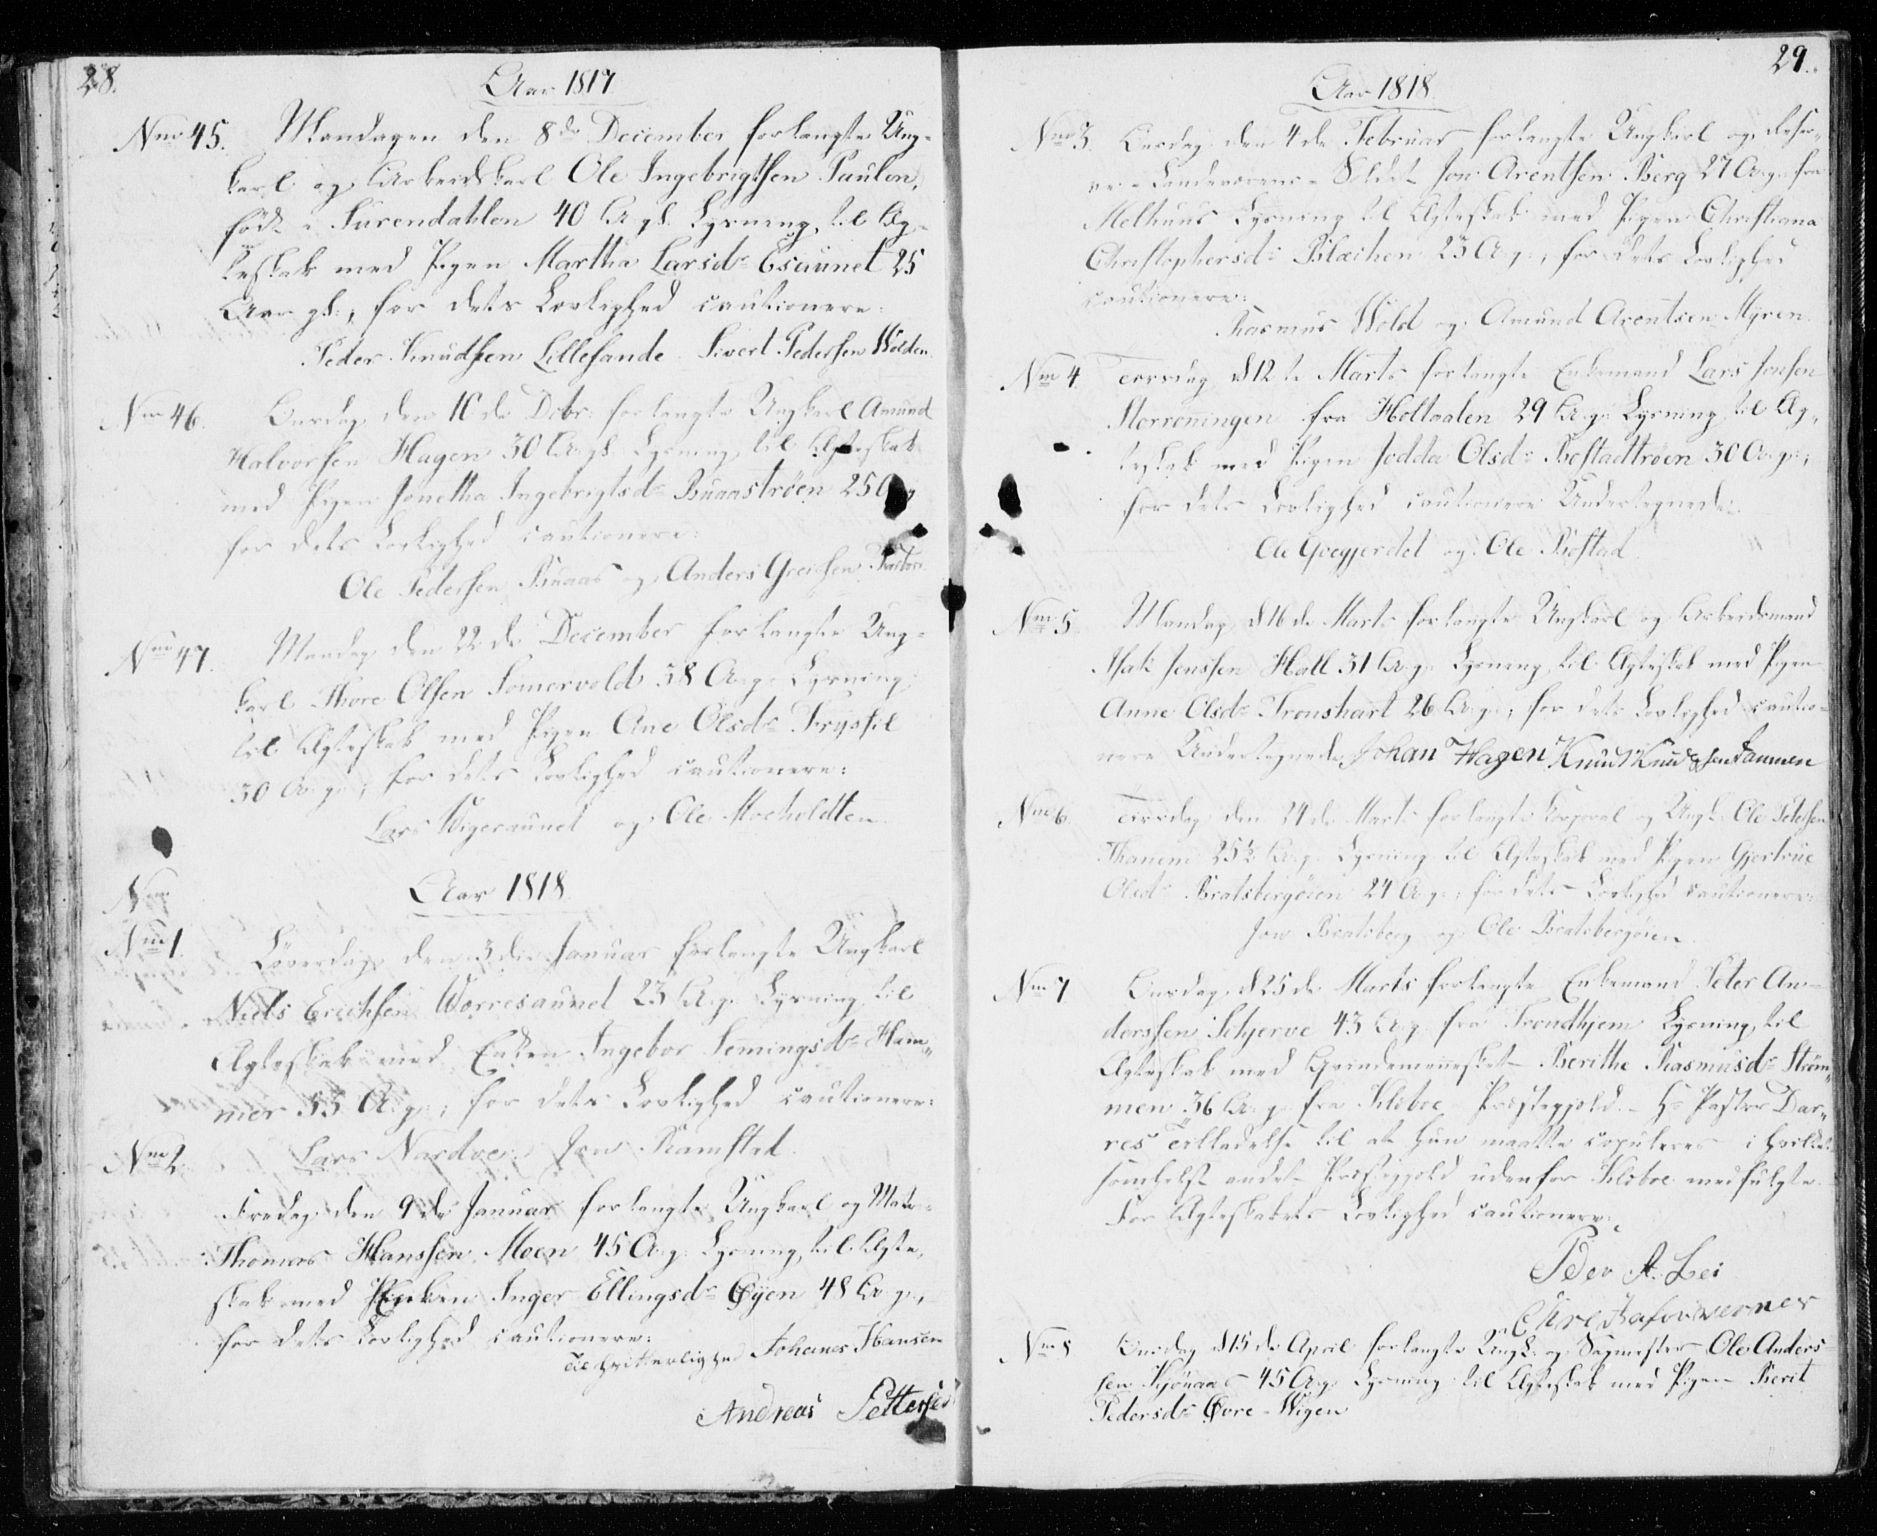 SAT, Ministerialprotokoller, klokkerbøker og fødselsregistre - Sør-Trøndelag, 606/L0295: Lysningsprotokoll nr. 606A10, 1815-1833, s. 28-29